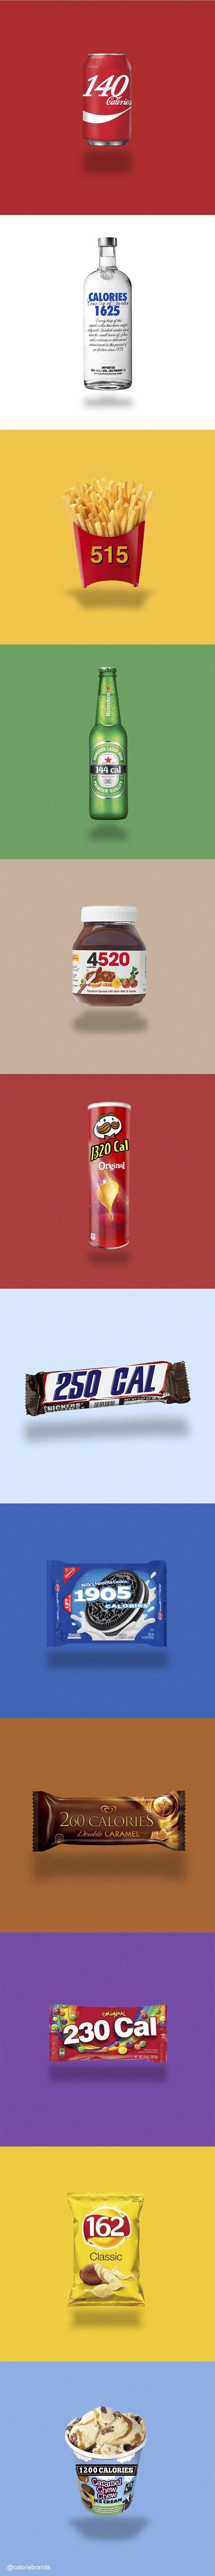 produtos-com-calorias-nas-embalagens